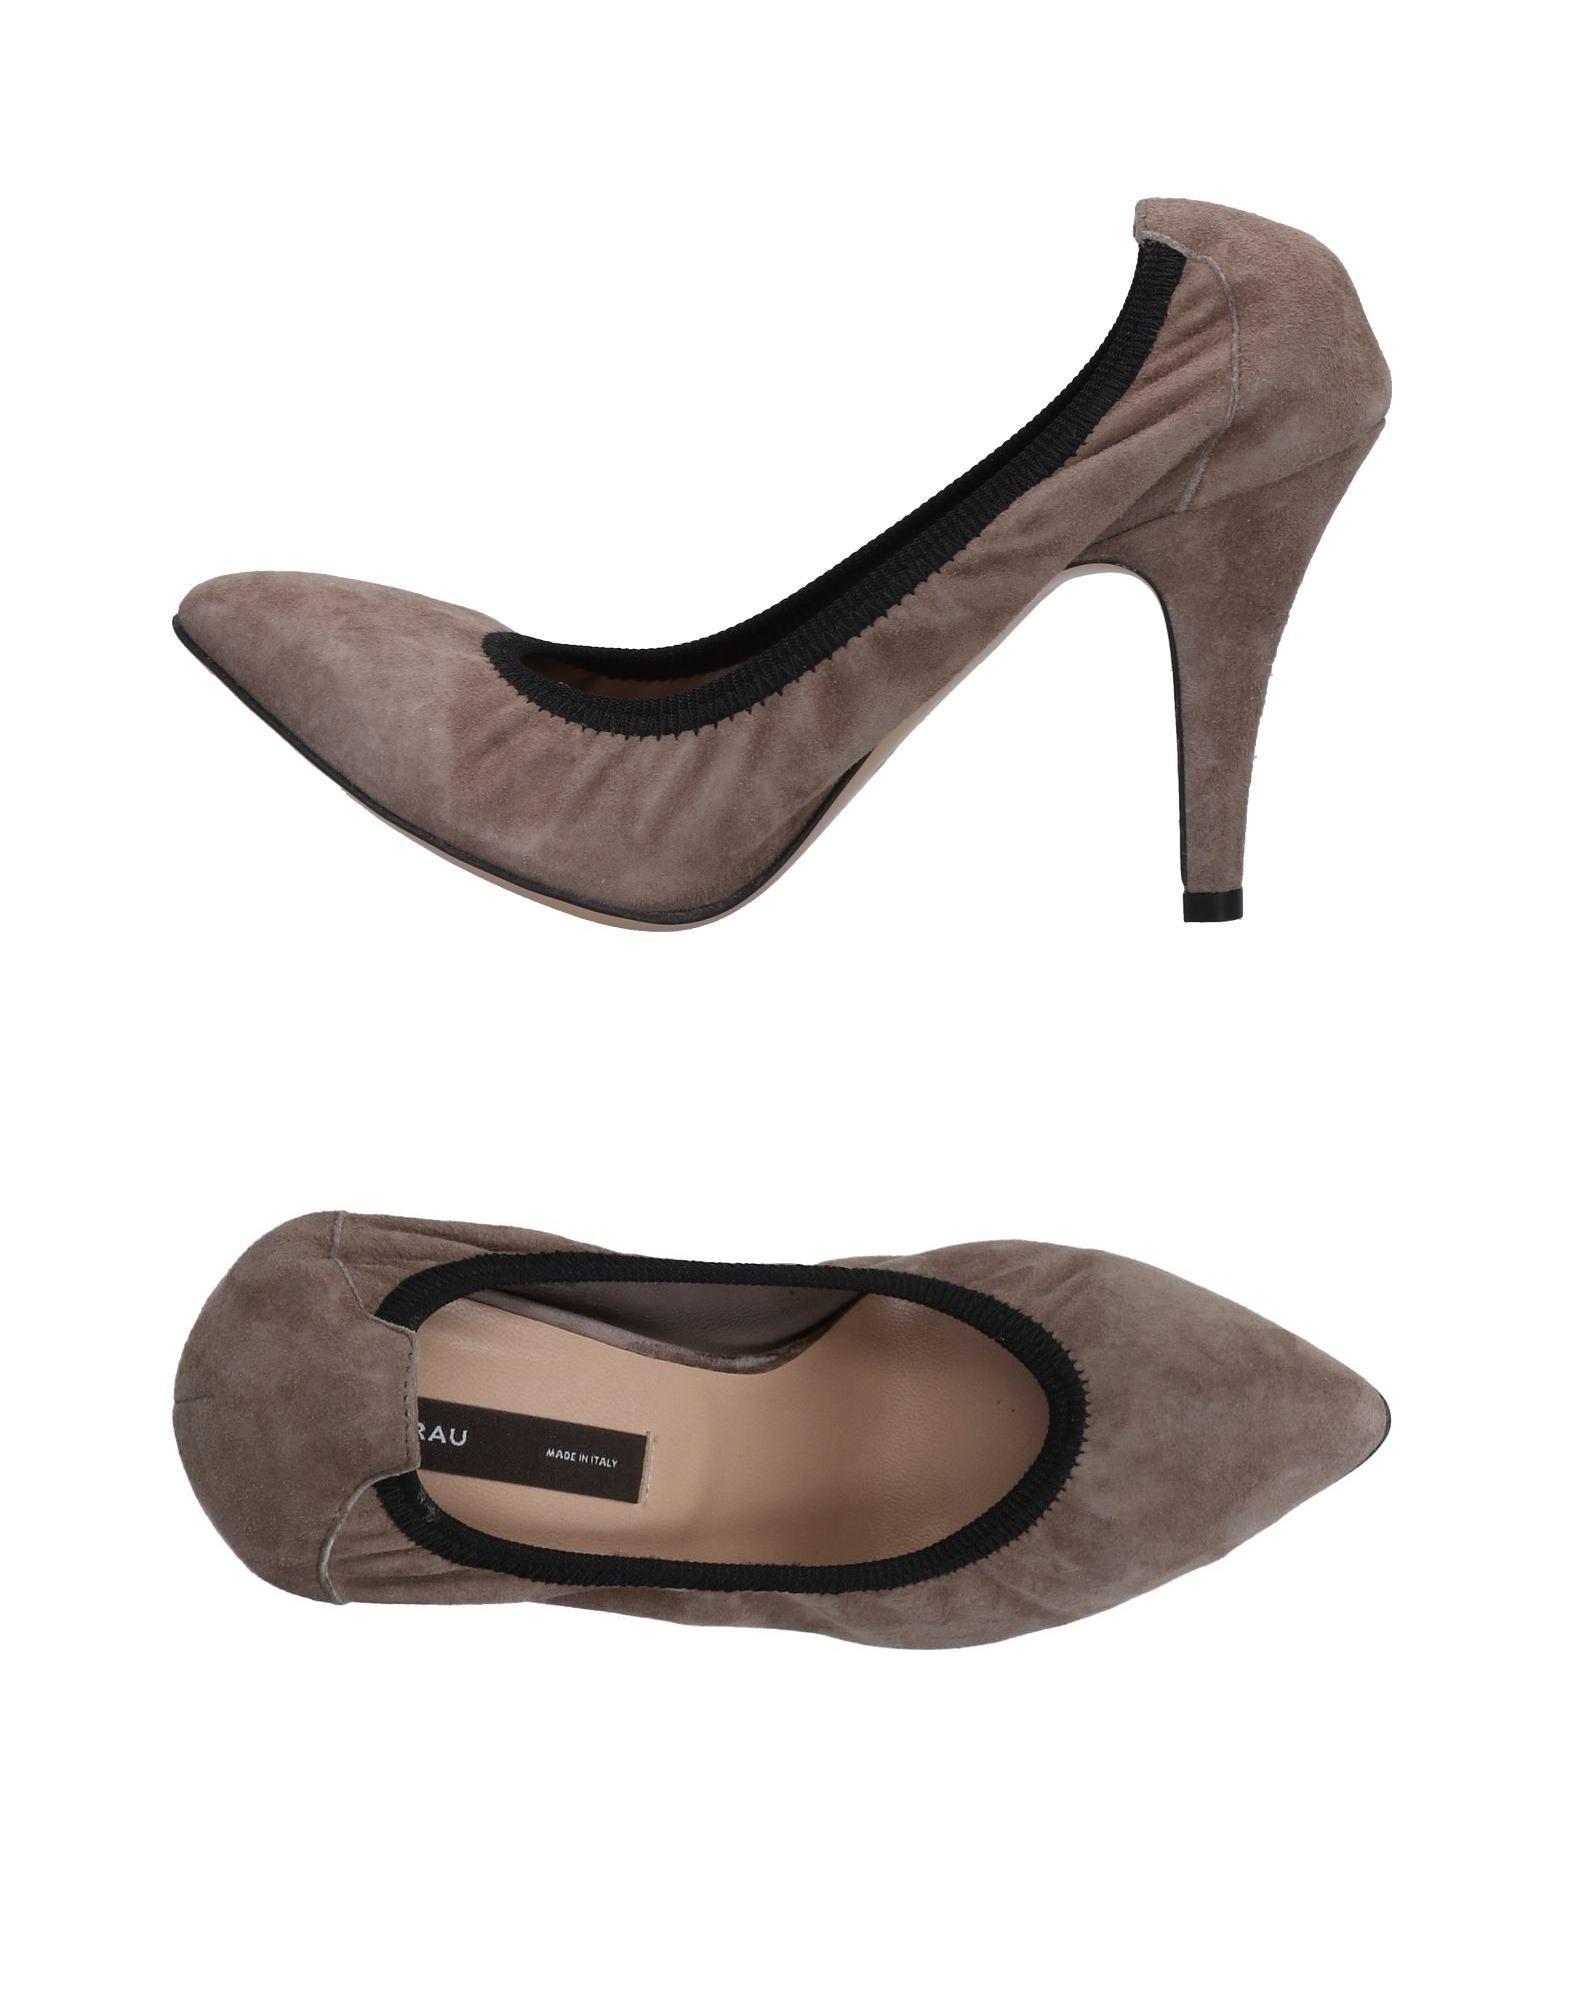 Frau Pumps Damen 11480582MN Gute Qualität beliebte Schuhe Schuhe beliebte 0f9885